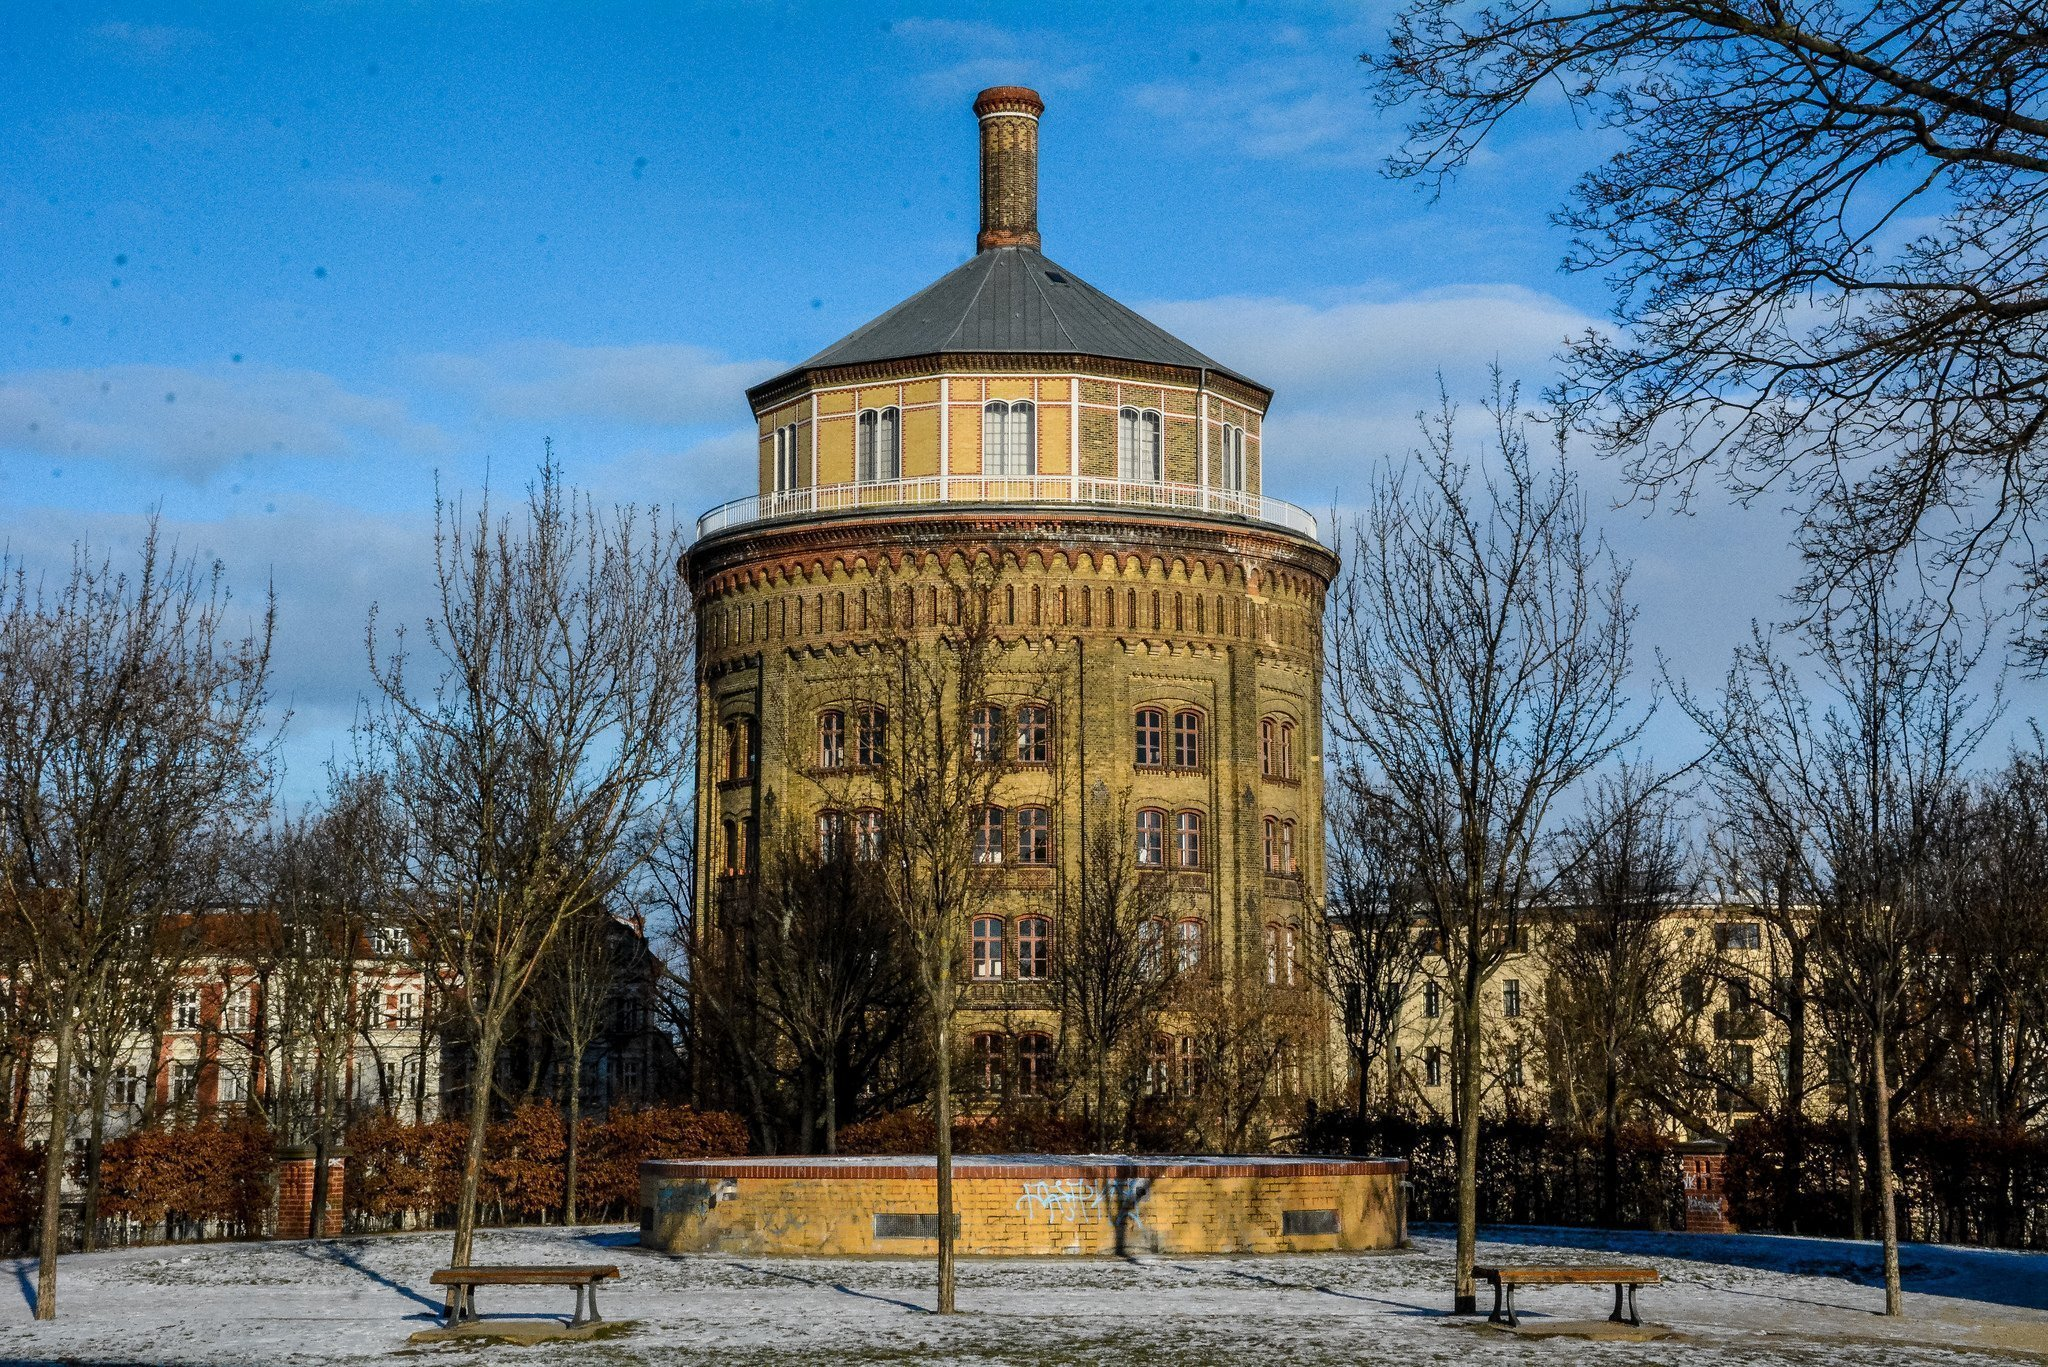 berlin prenzlauer berg wasserturm water tower park view